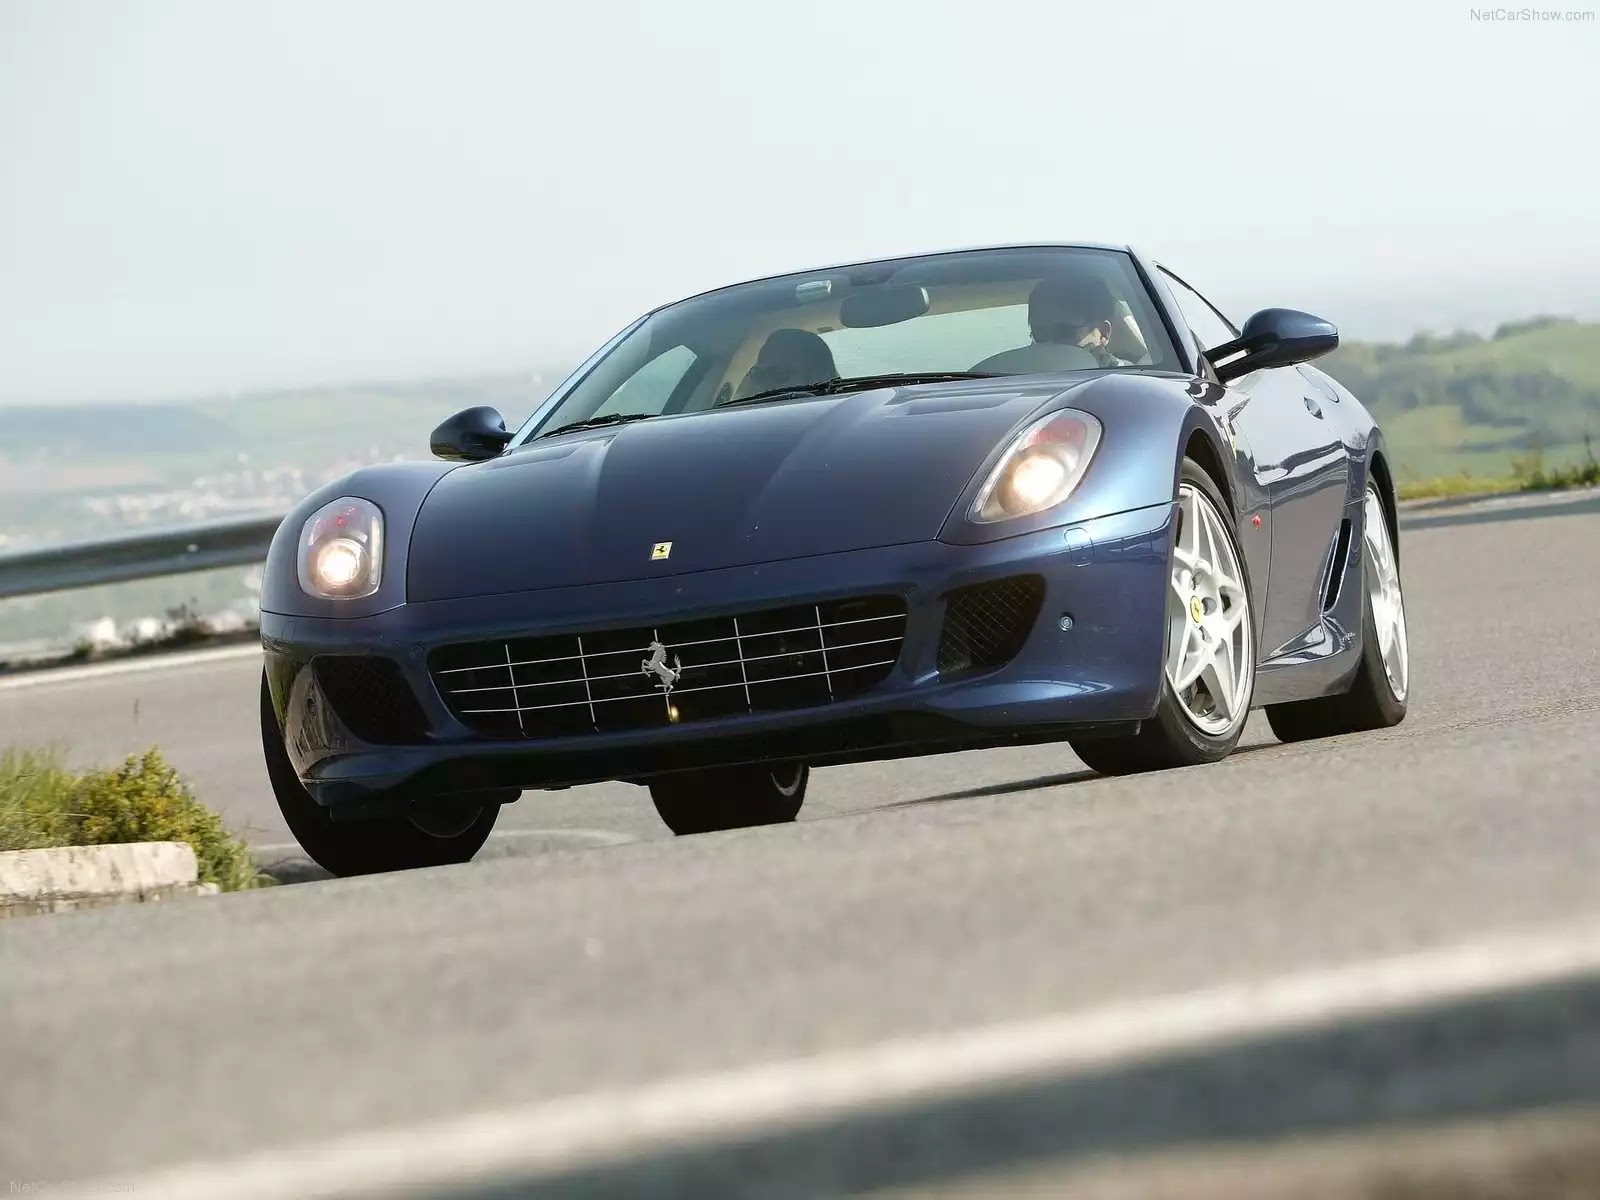 Hình ảnh siêu xe Ferrari 599 GTB Fiorano 2006 & nội ngoại thất